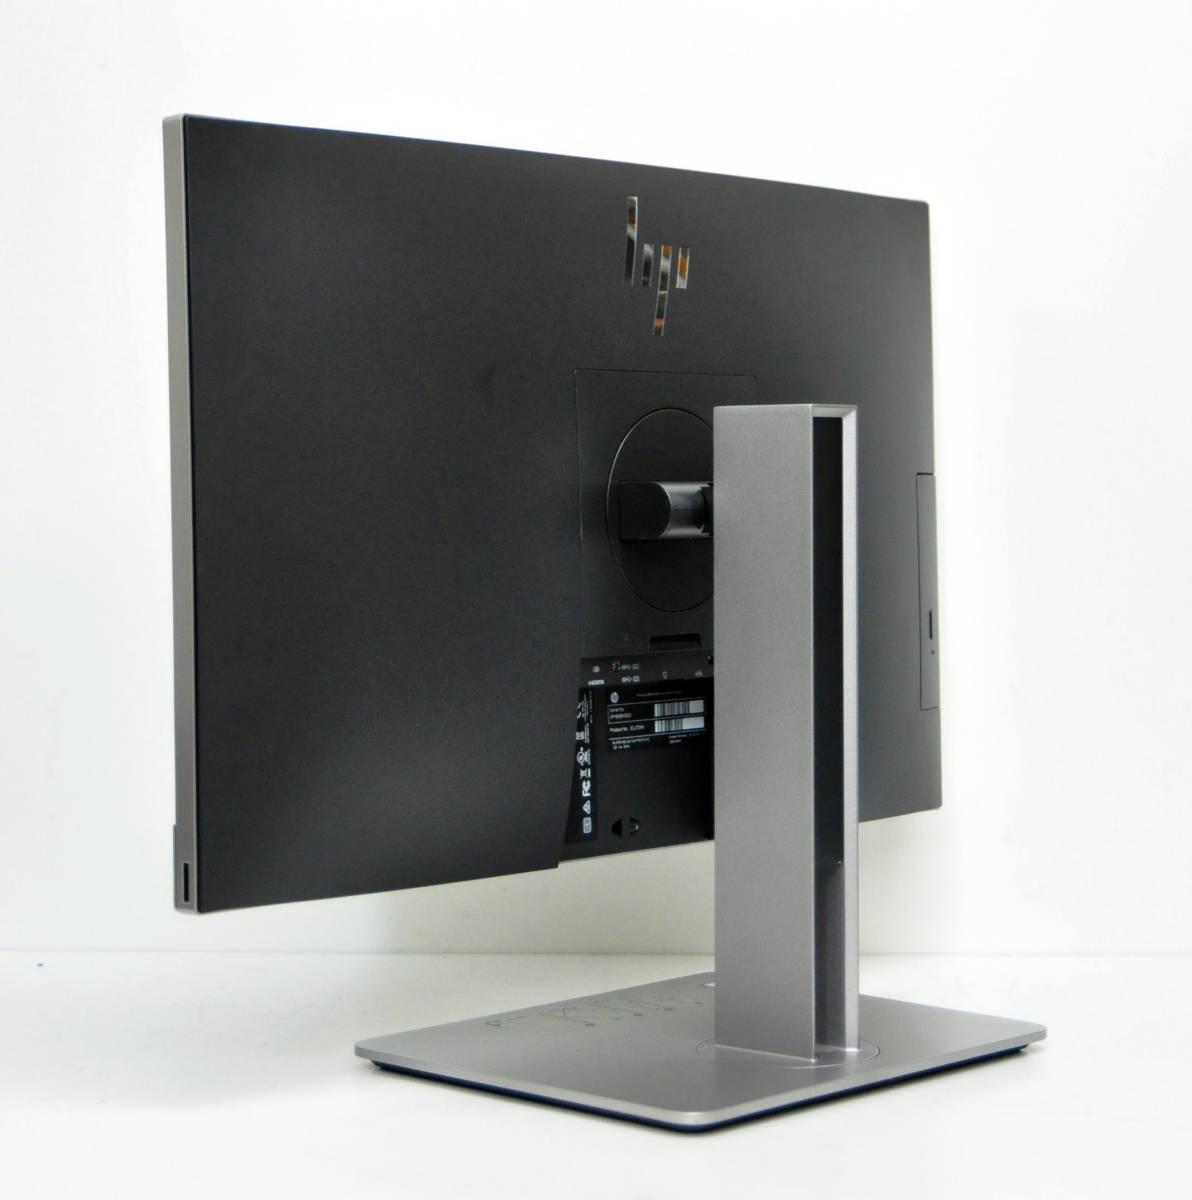 美品 HP EliteOne 800 G4 All-in-One フルHD 一体型 第8世代 Corei5-8500/メモリ8GB/SSD256GB NVMe/カメラ/無線/マルチ/Office2019/Win10. _画像3